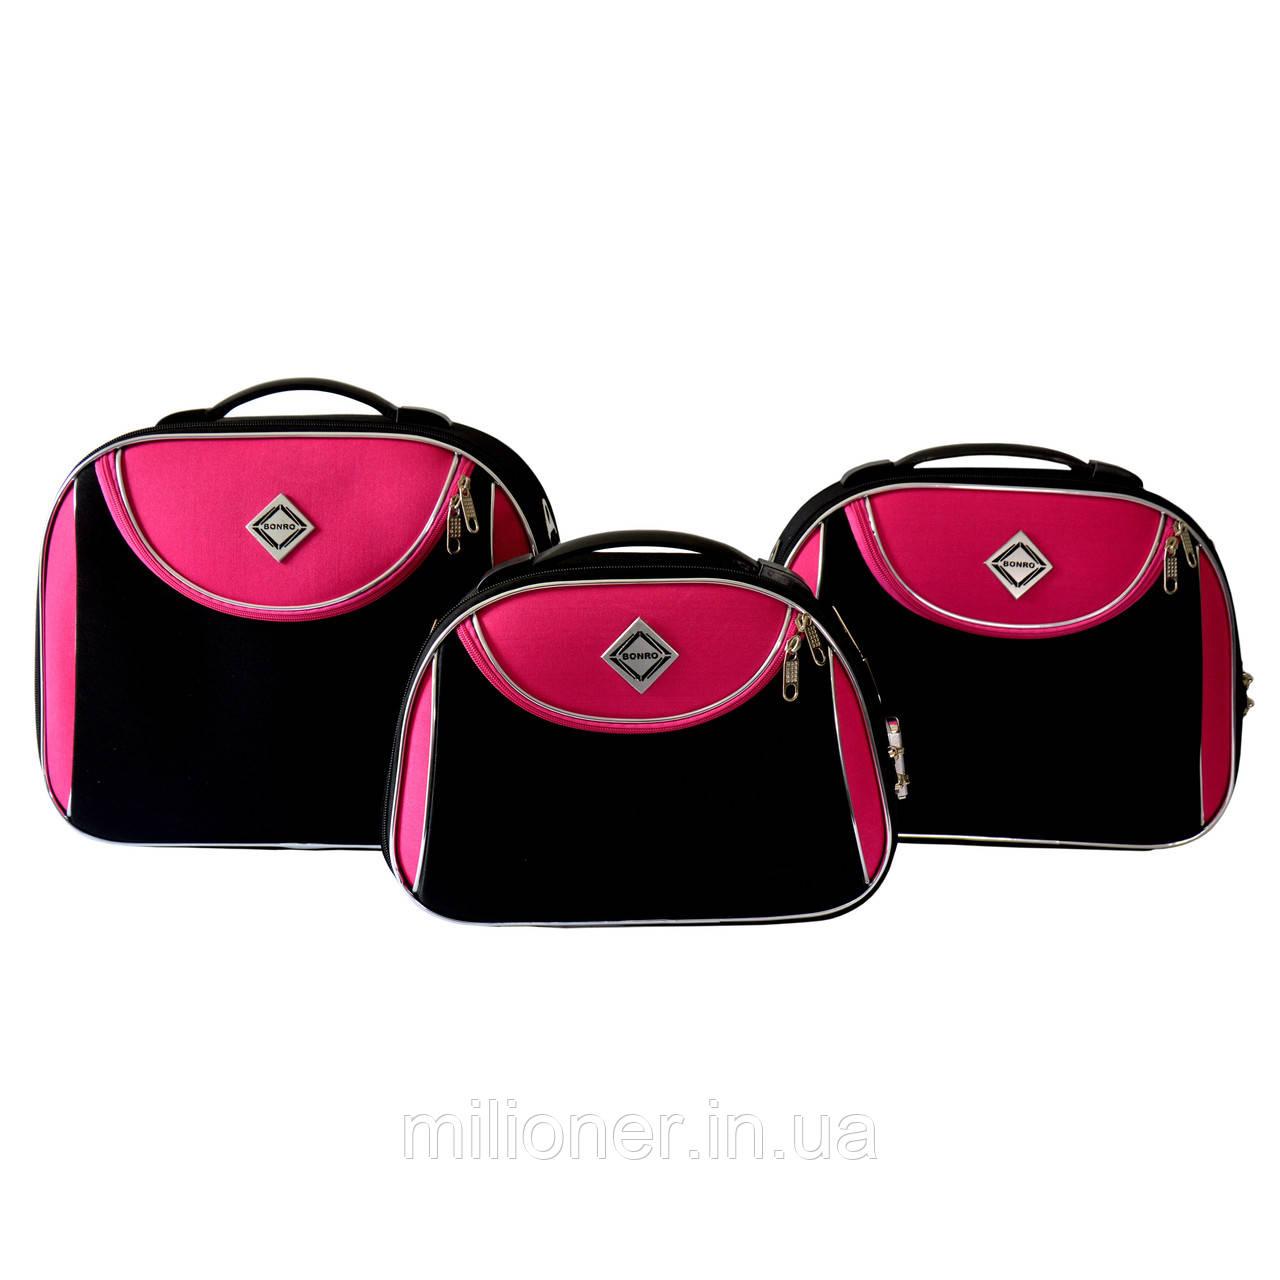 Сумка кейс саквояж 3в1 Bonro Style черно-розовый